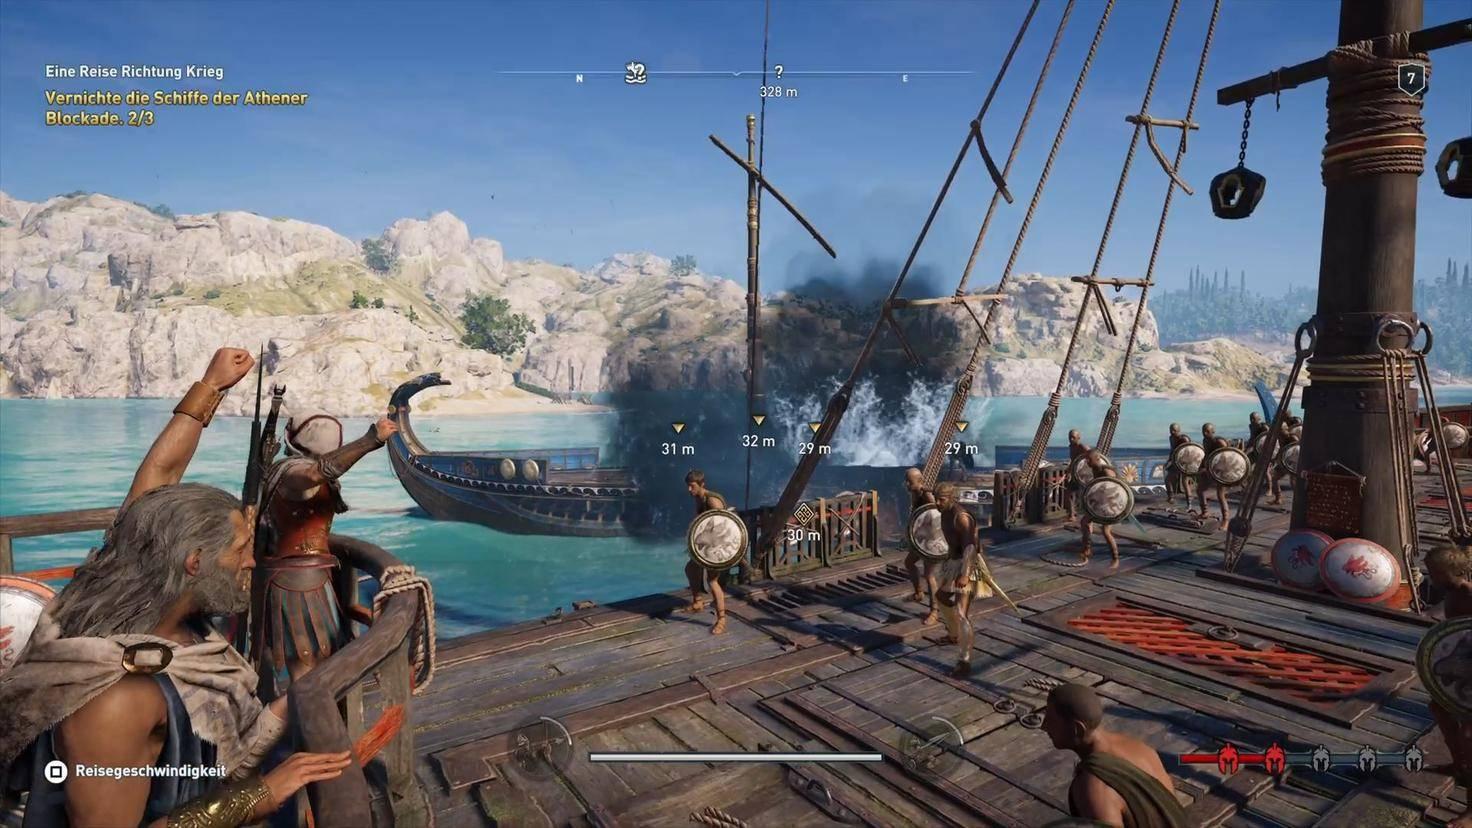 Das Schiff der Athener ist kampfunfähig. Bereitmachen zum Entern!